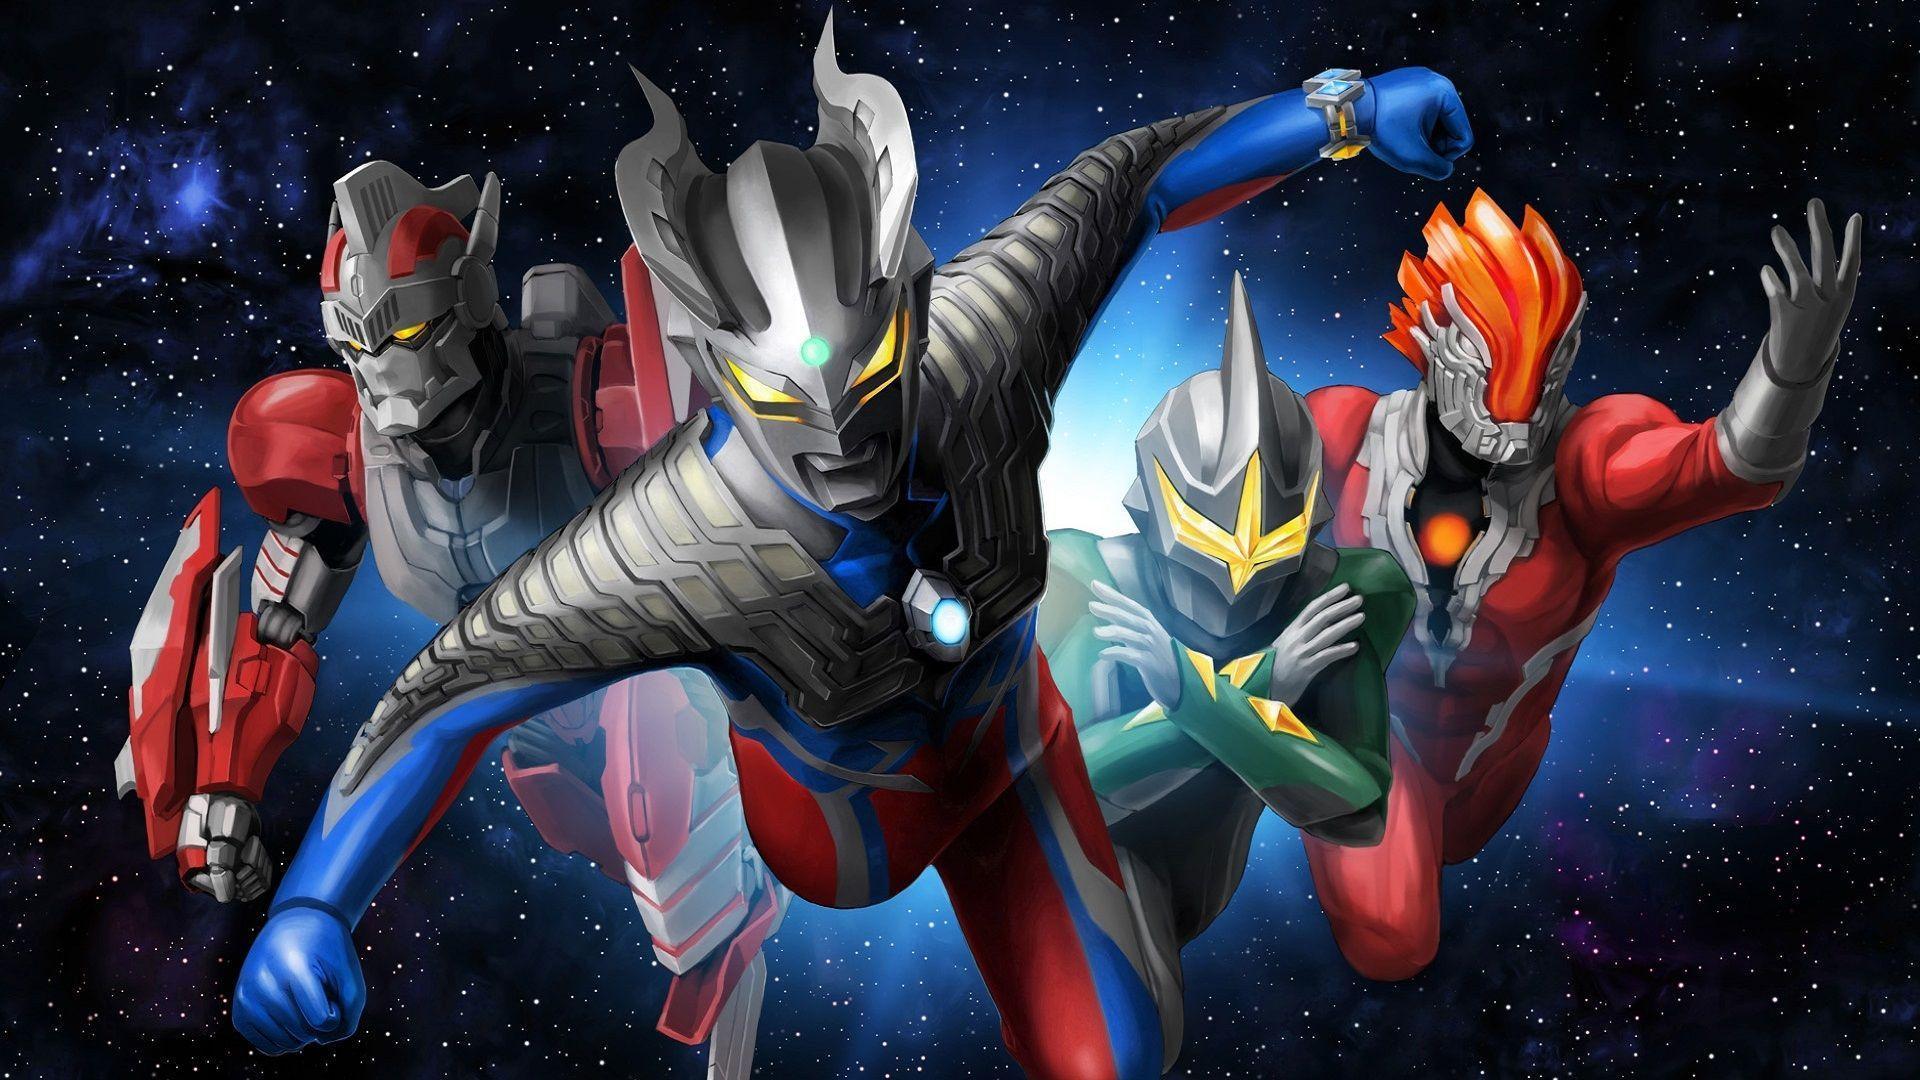 Ultraman Wallpapers Top Free Ultraman Backgrounds Wallpaperaccess